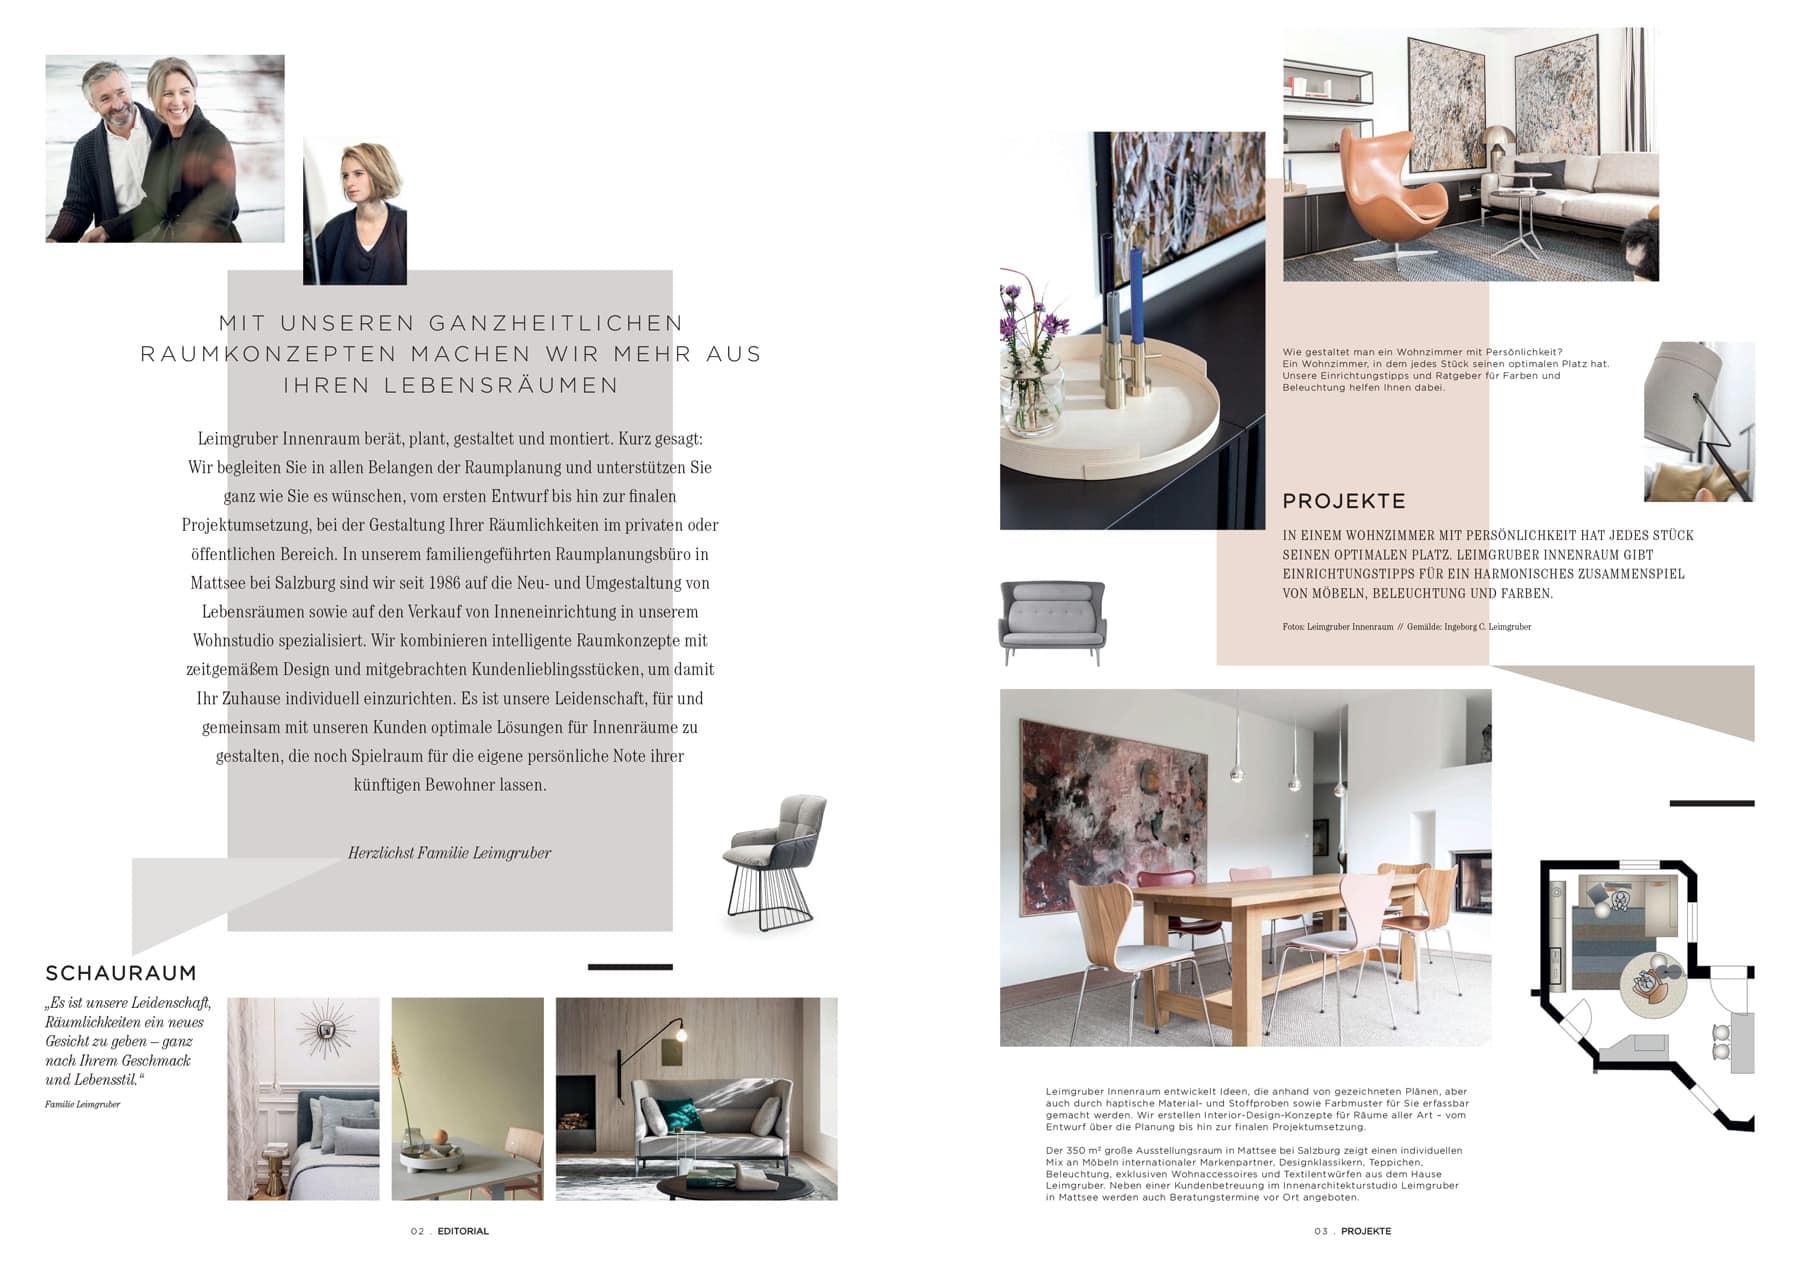 Möbel Magazin – Leimgruber Innenraum in Mattsee bei Salzburg